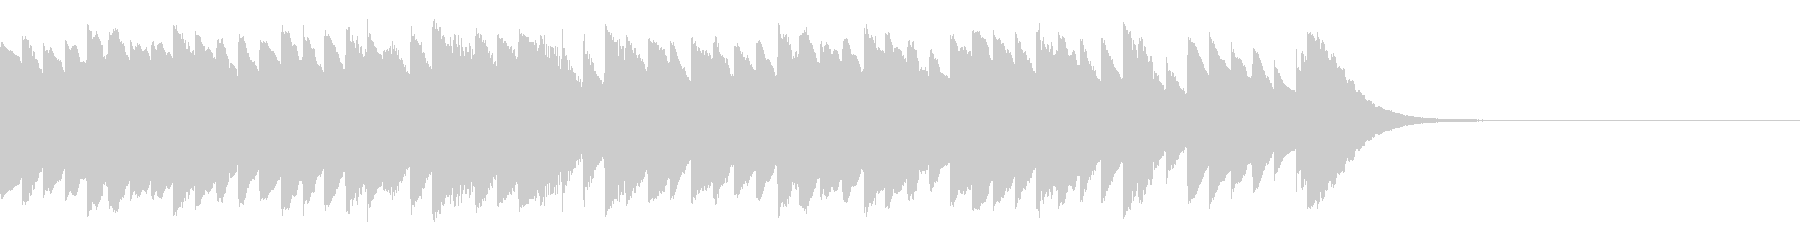 オルゴール おやすみ 冬 ジングル・ロゴの未再生の波形